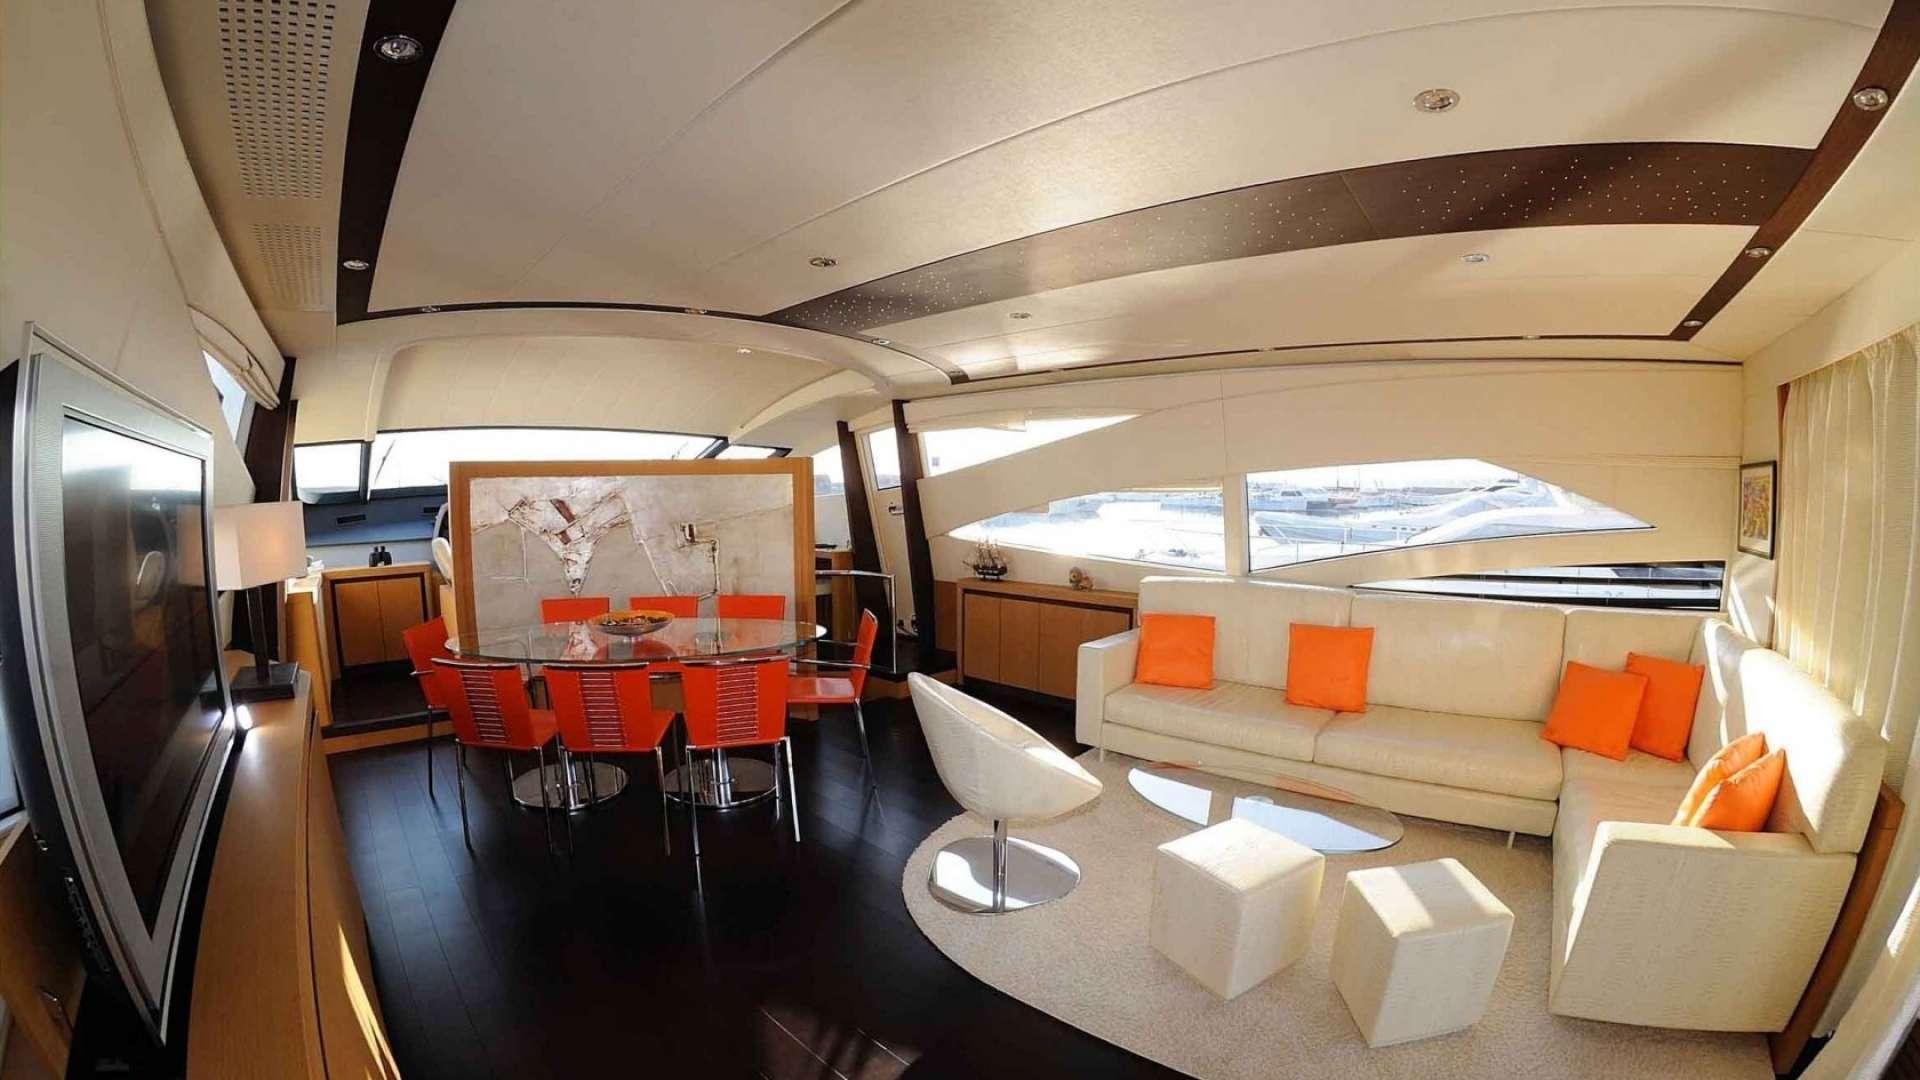 Custom Boat Interior Design Ideas With Creative Design Boat Interior Design Boat Interior Design Boat Interior Design Book Boat Interior Design Australia Boat Interior Design Companies Boat Interior Design